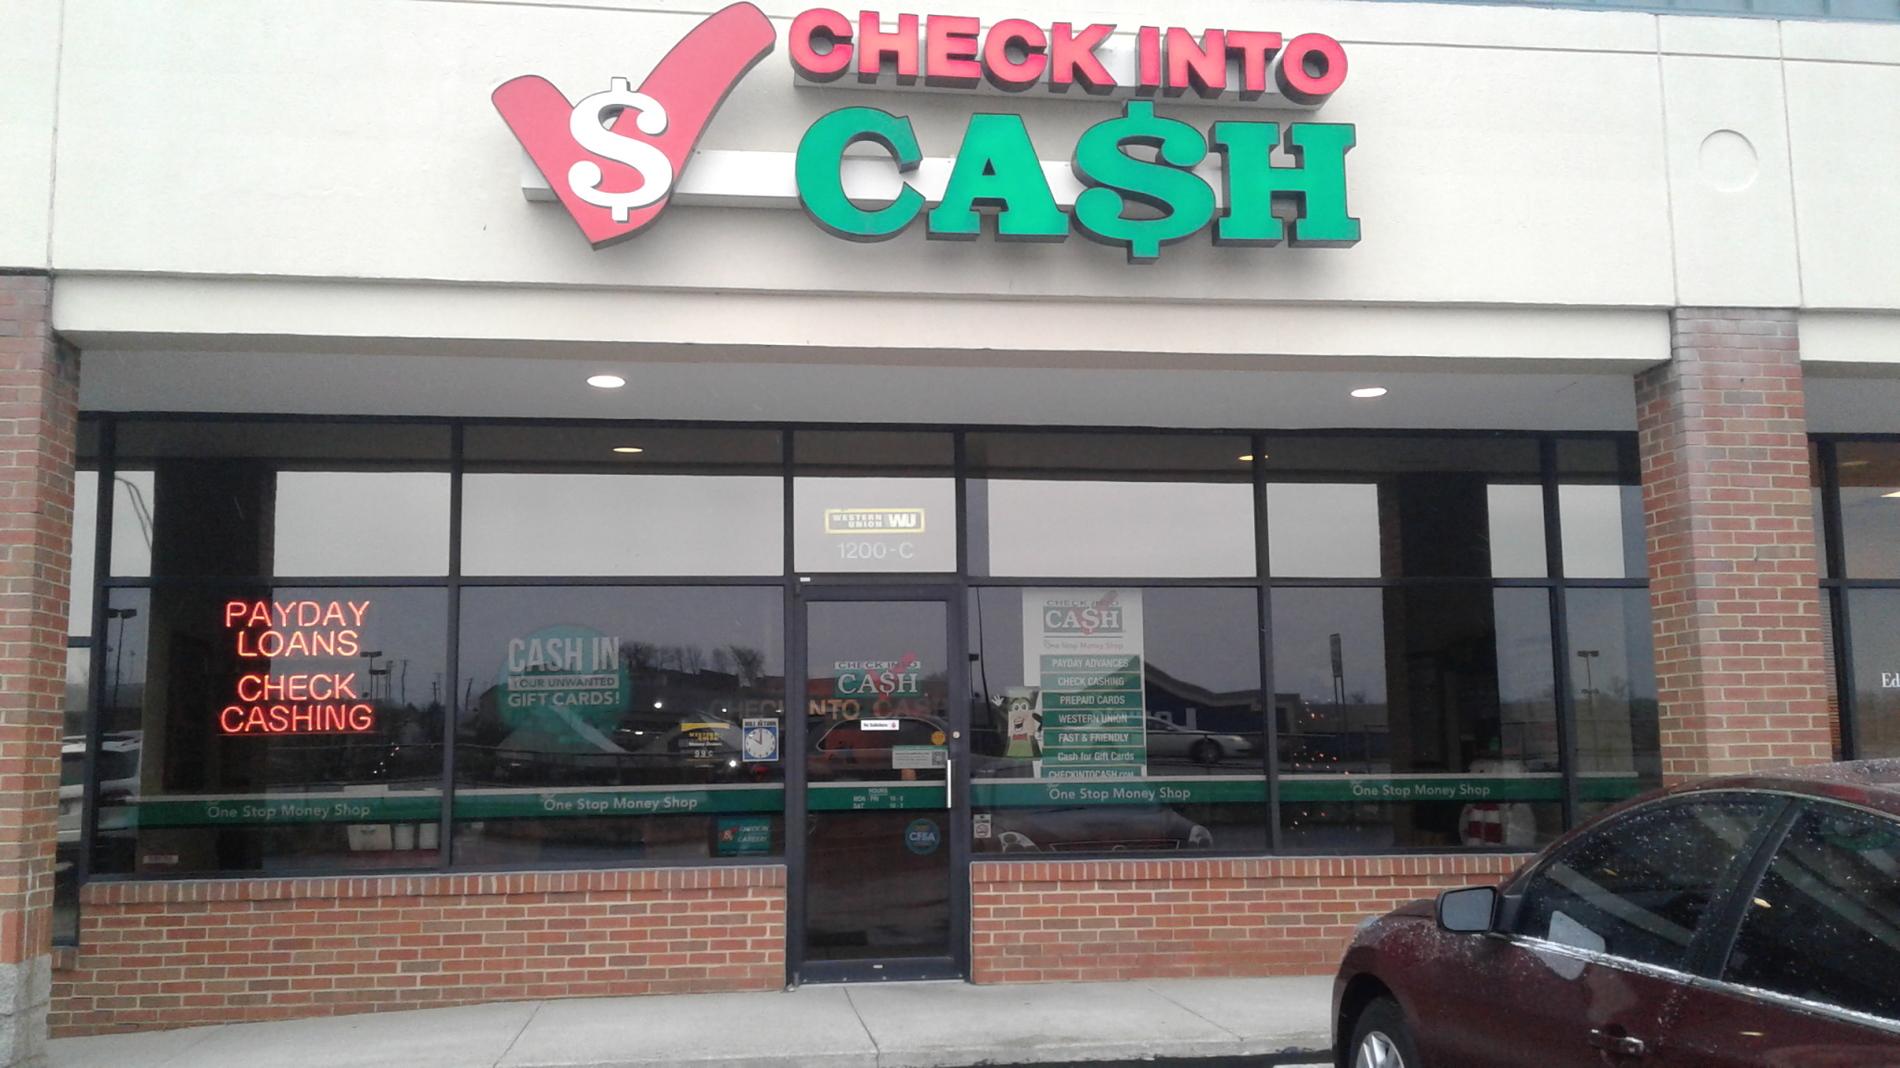 Xpress cash advance photo 9